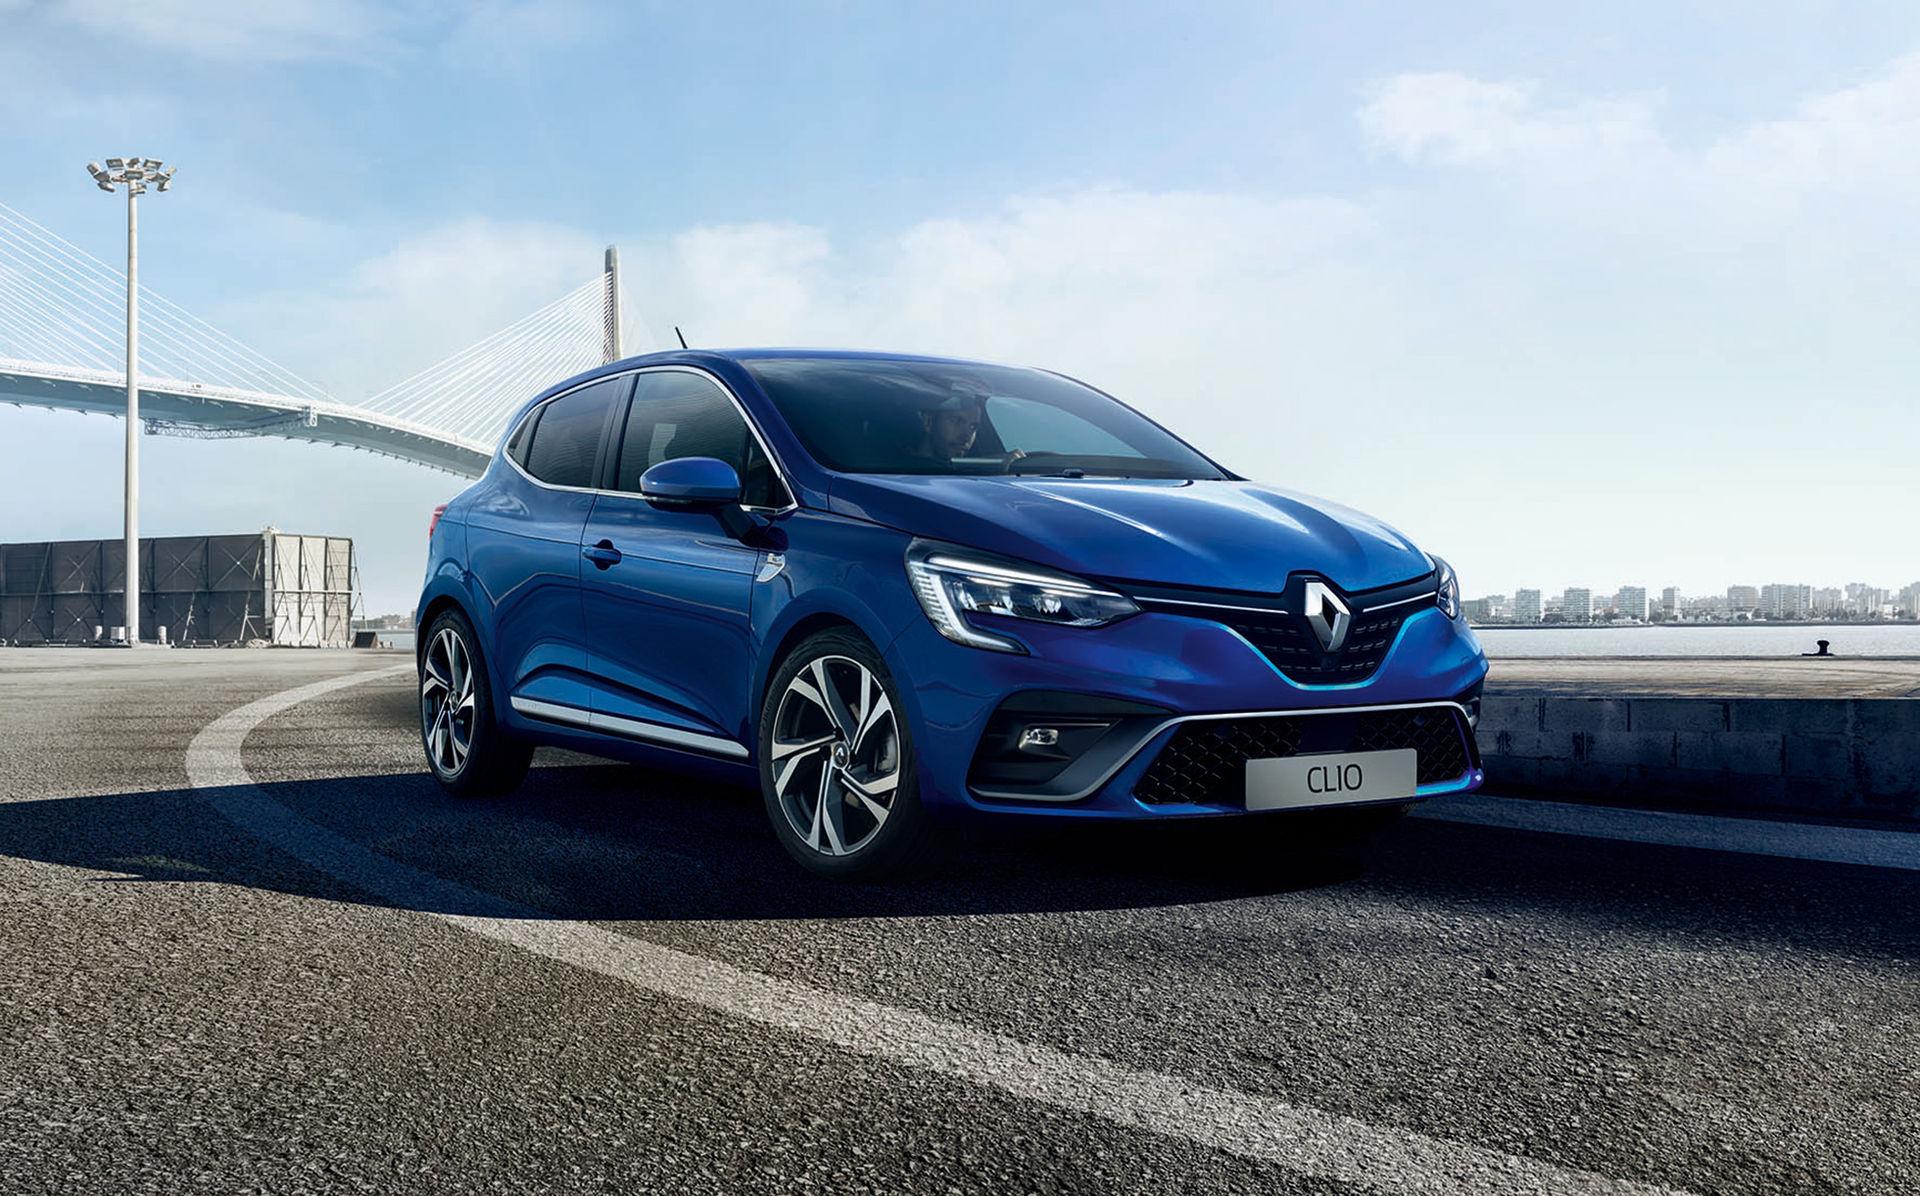 Det här är utsidan på nya Renault Clio